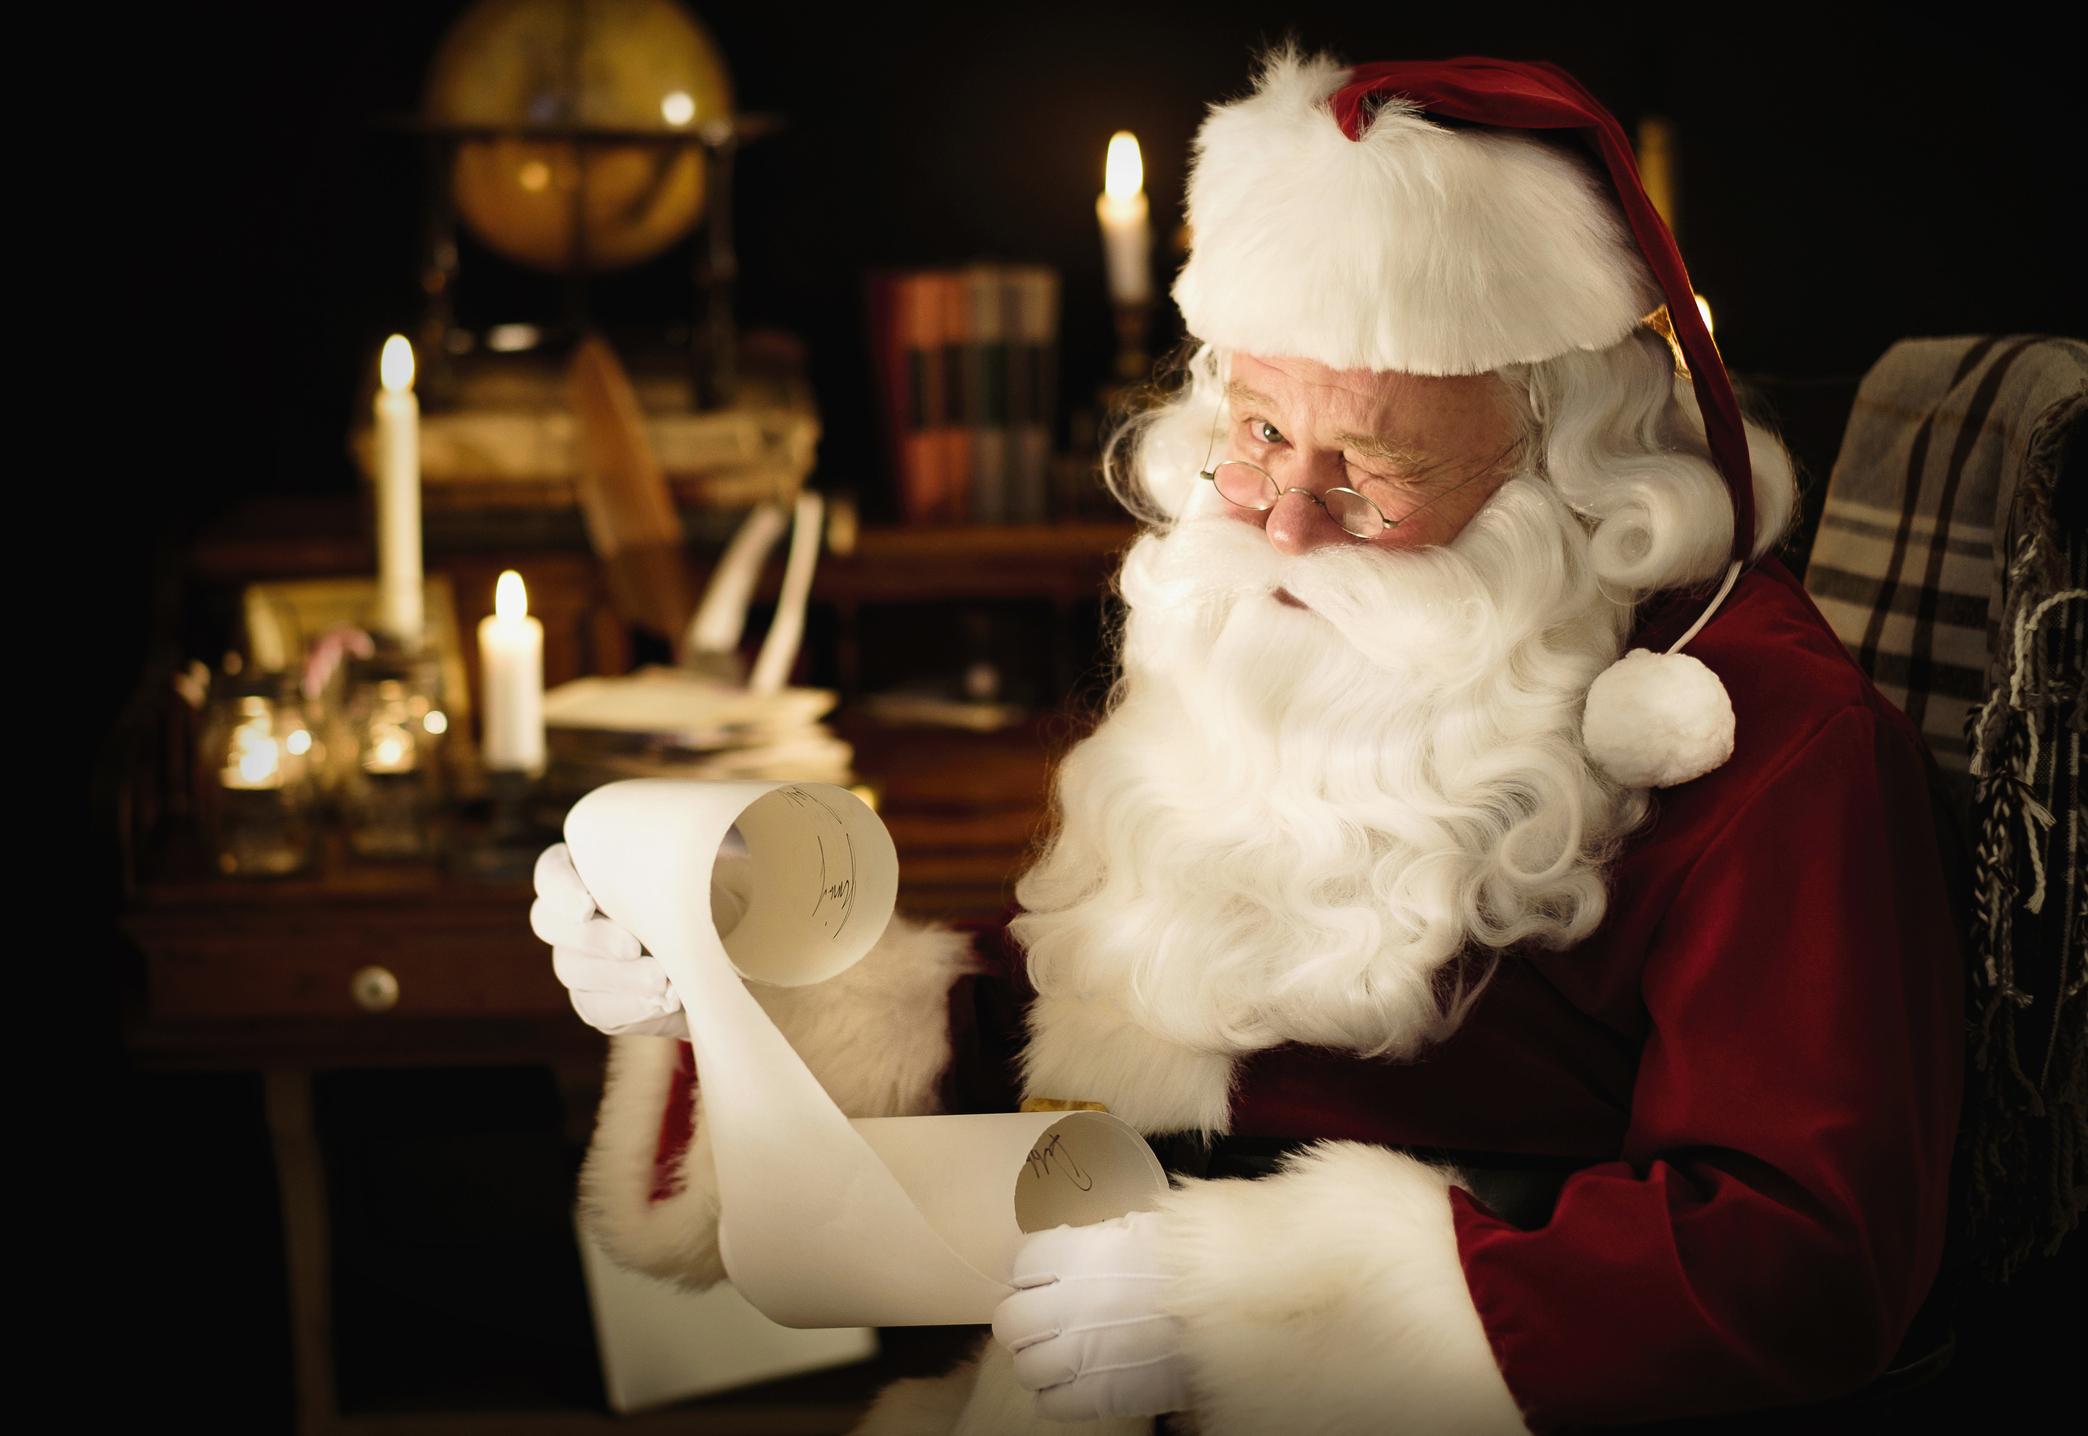 A Che Ora Arriva Babbo Natale.Ecco Come Babbo Natale Riesce A Consegnare Regali In Tutto Il Mondo In Una Notte